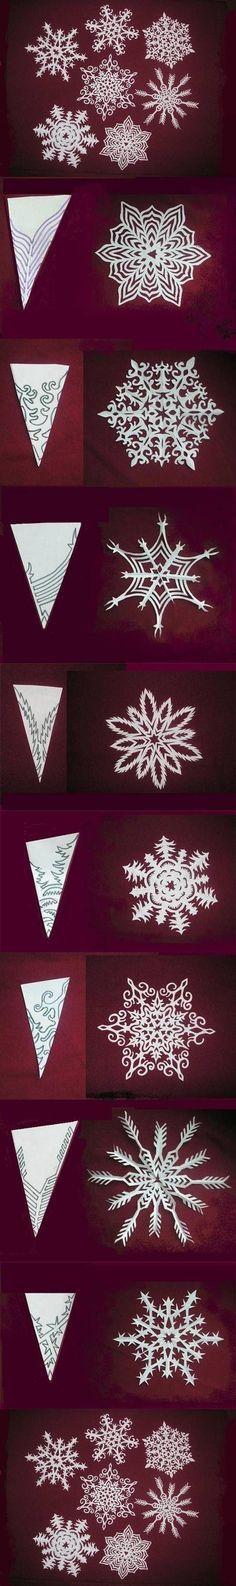 elisi-yilbasi-suslemeleri-kar-tanesi